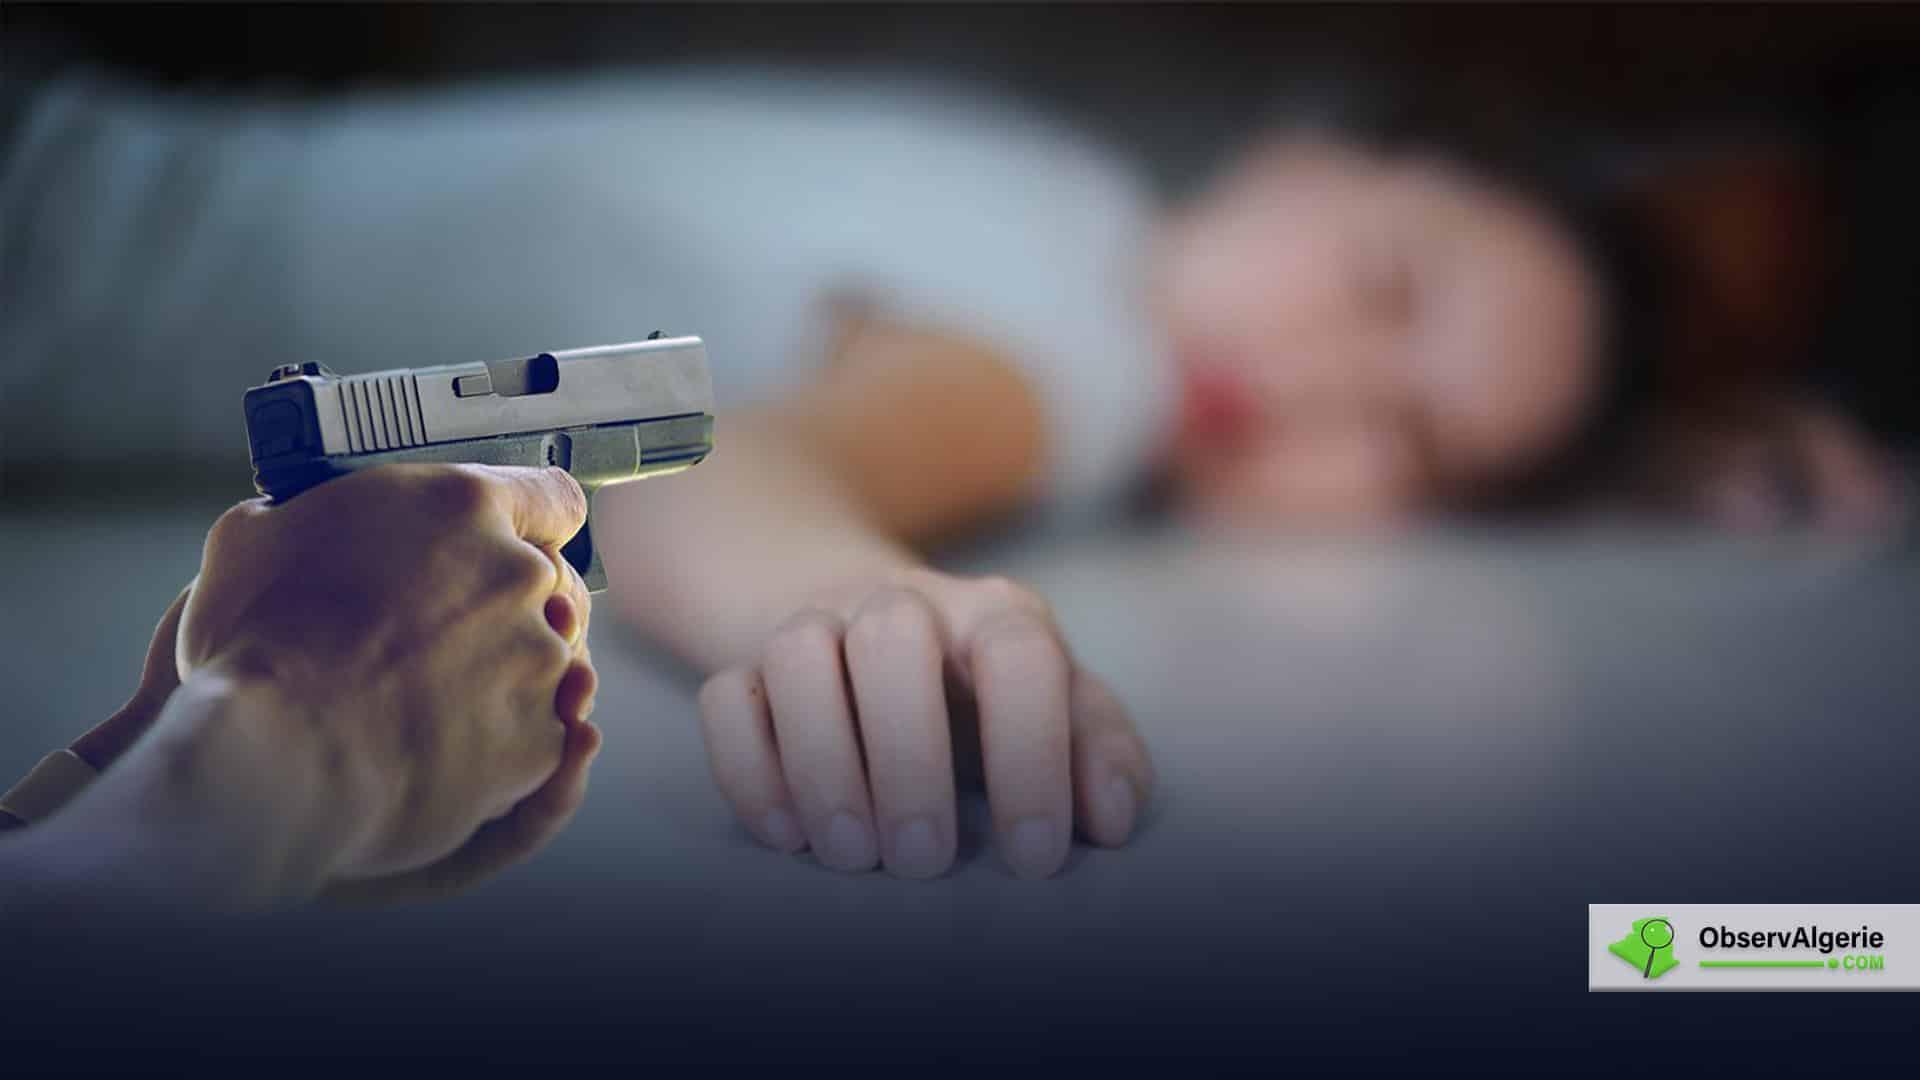 Algérie : Un policier tue sa femme par plusieurs coups de feu pendant le confinement